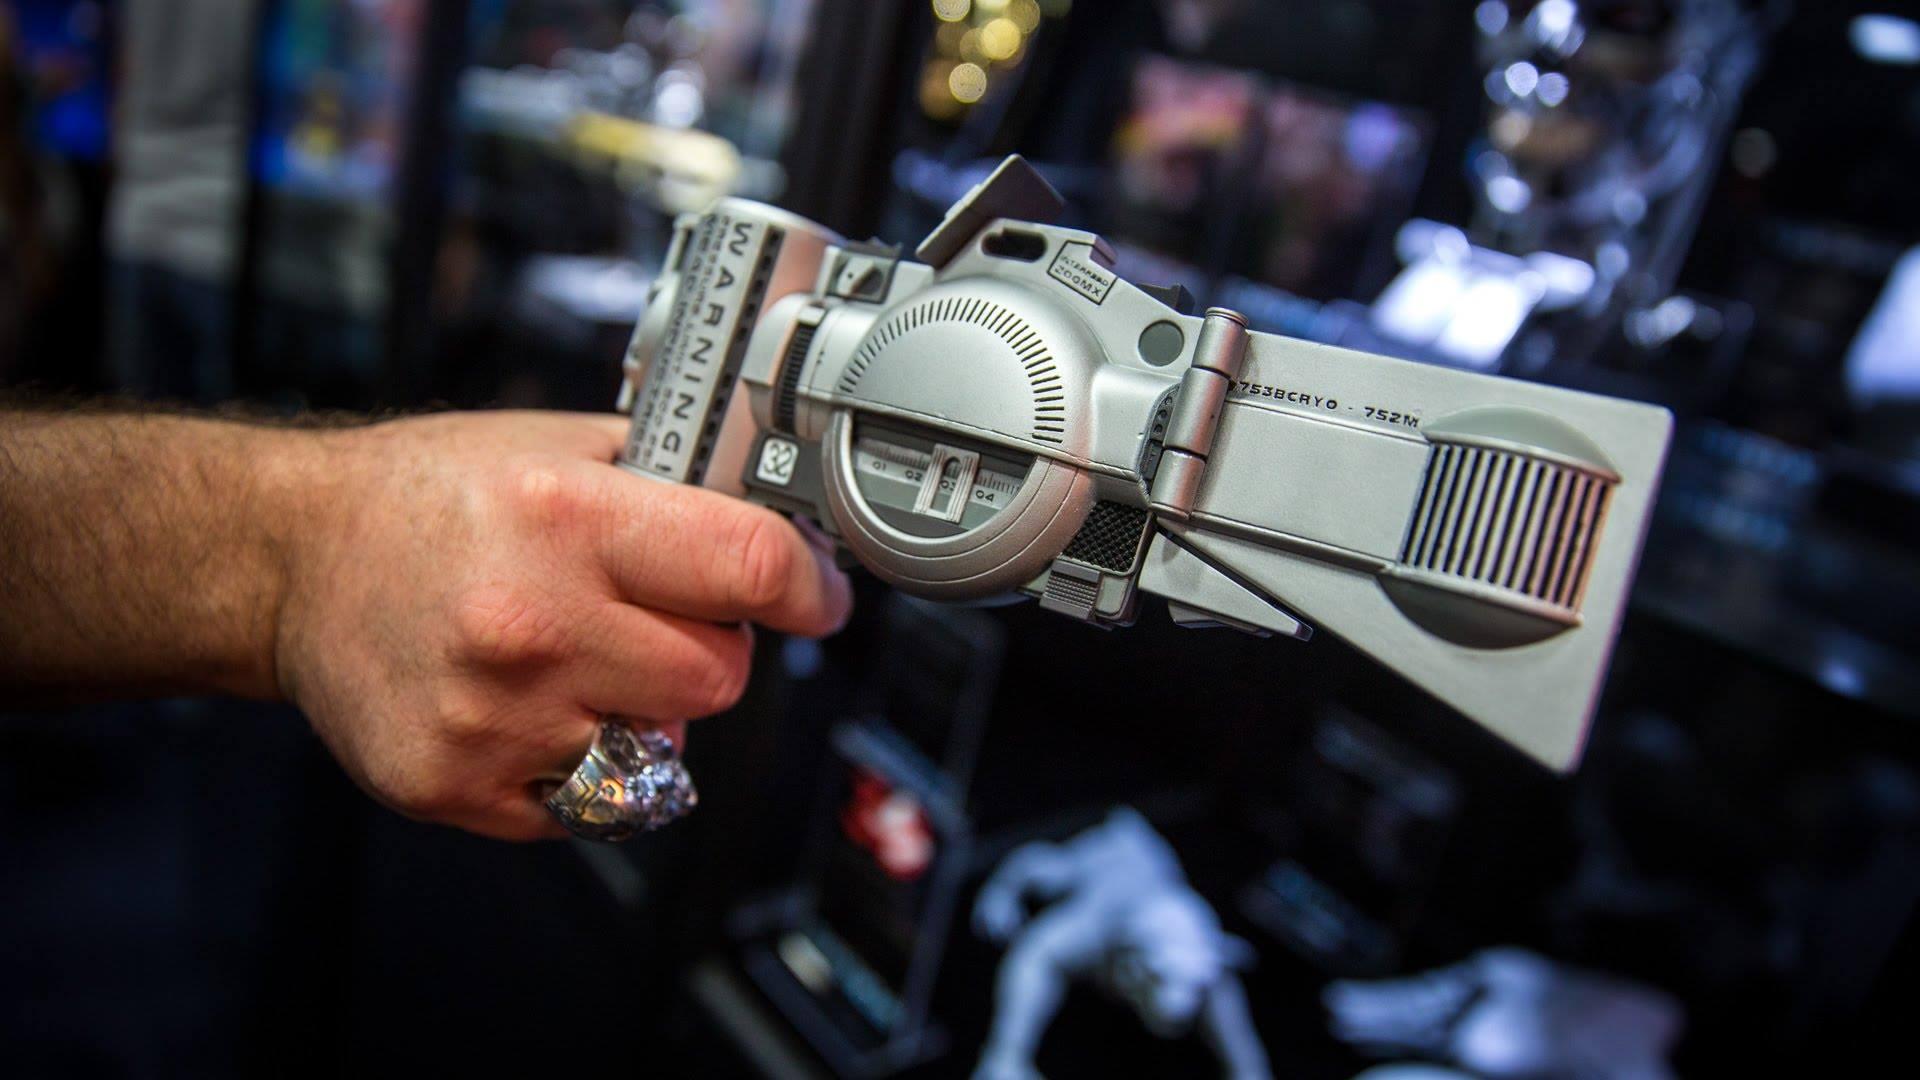 syd-mead-blade-runner-concept-blaster-003.jpg